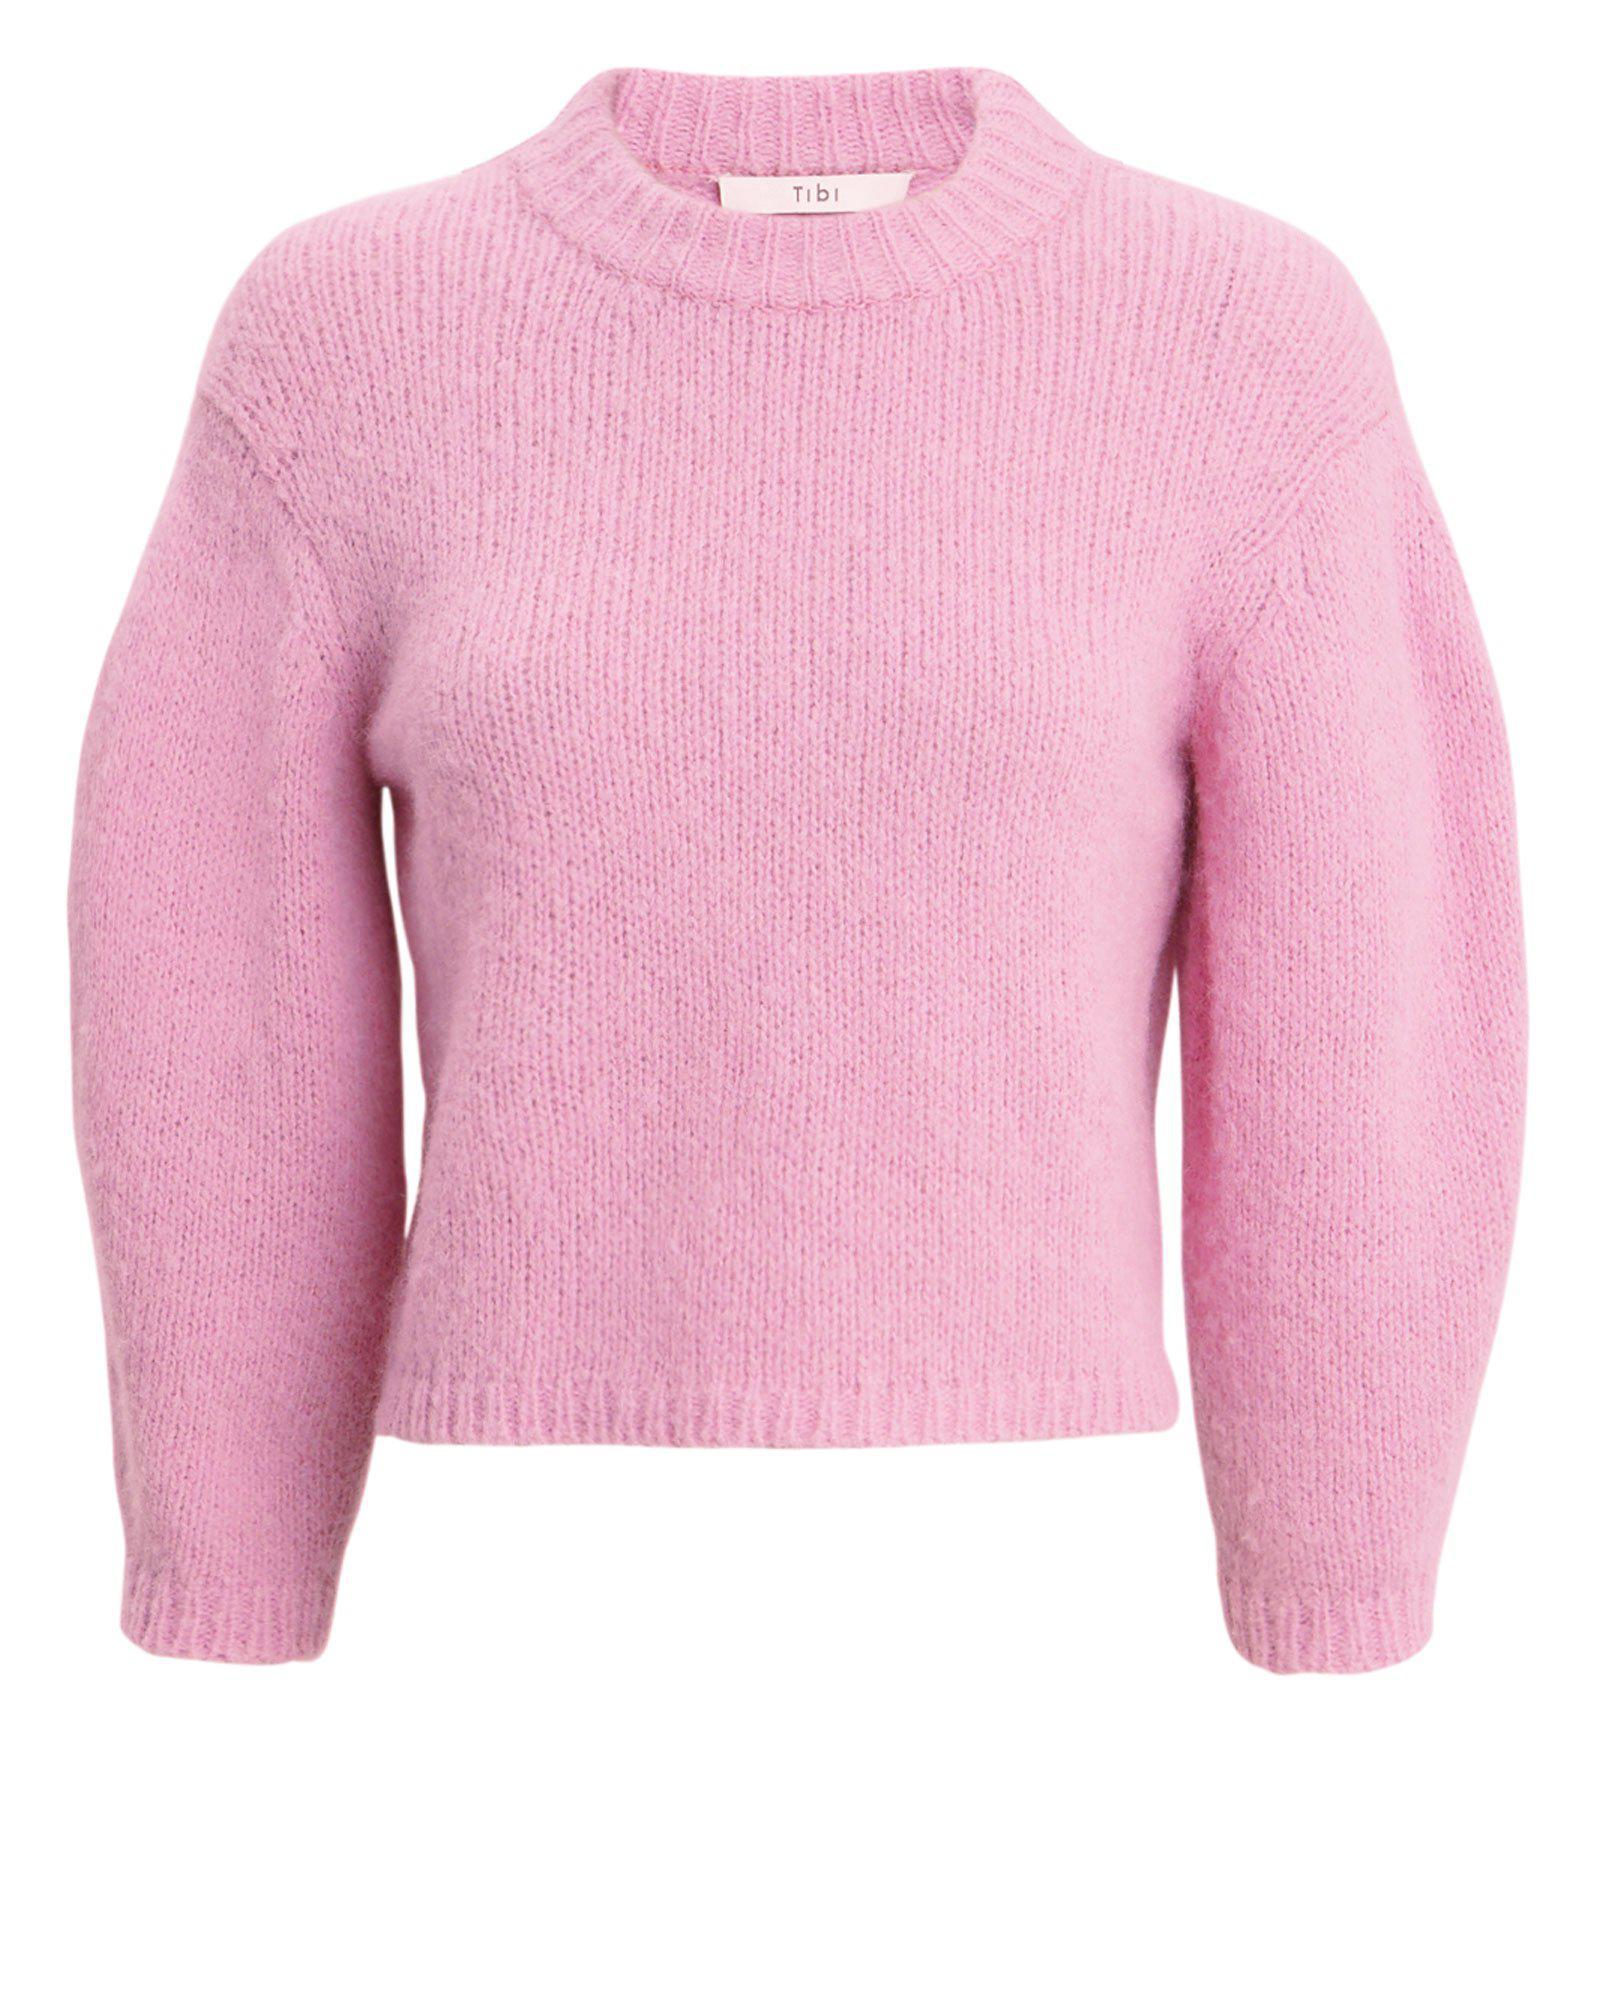 Textured Sweater Pink Tibi Lyst Fullscreen View Crop dqpxnz